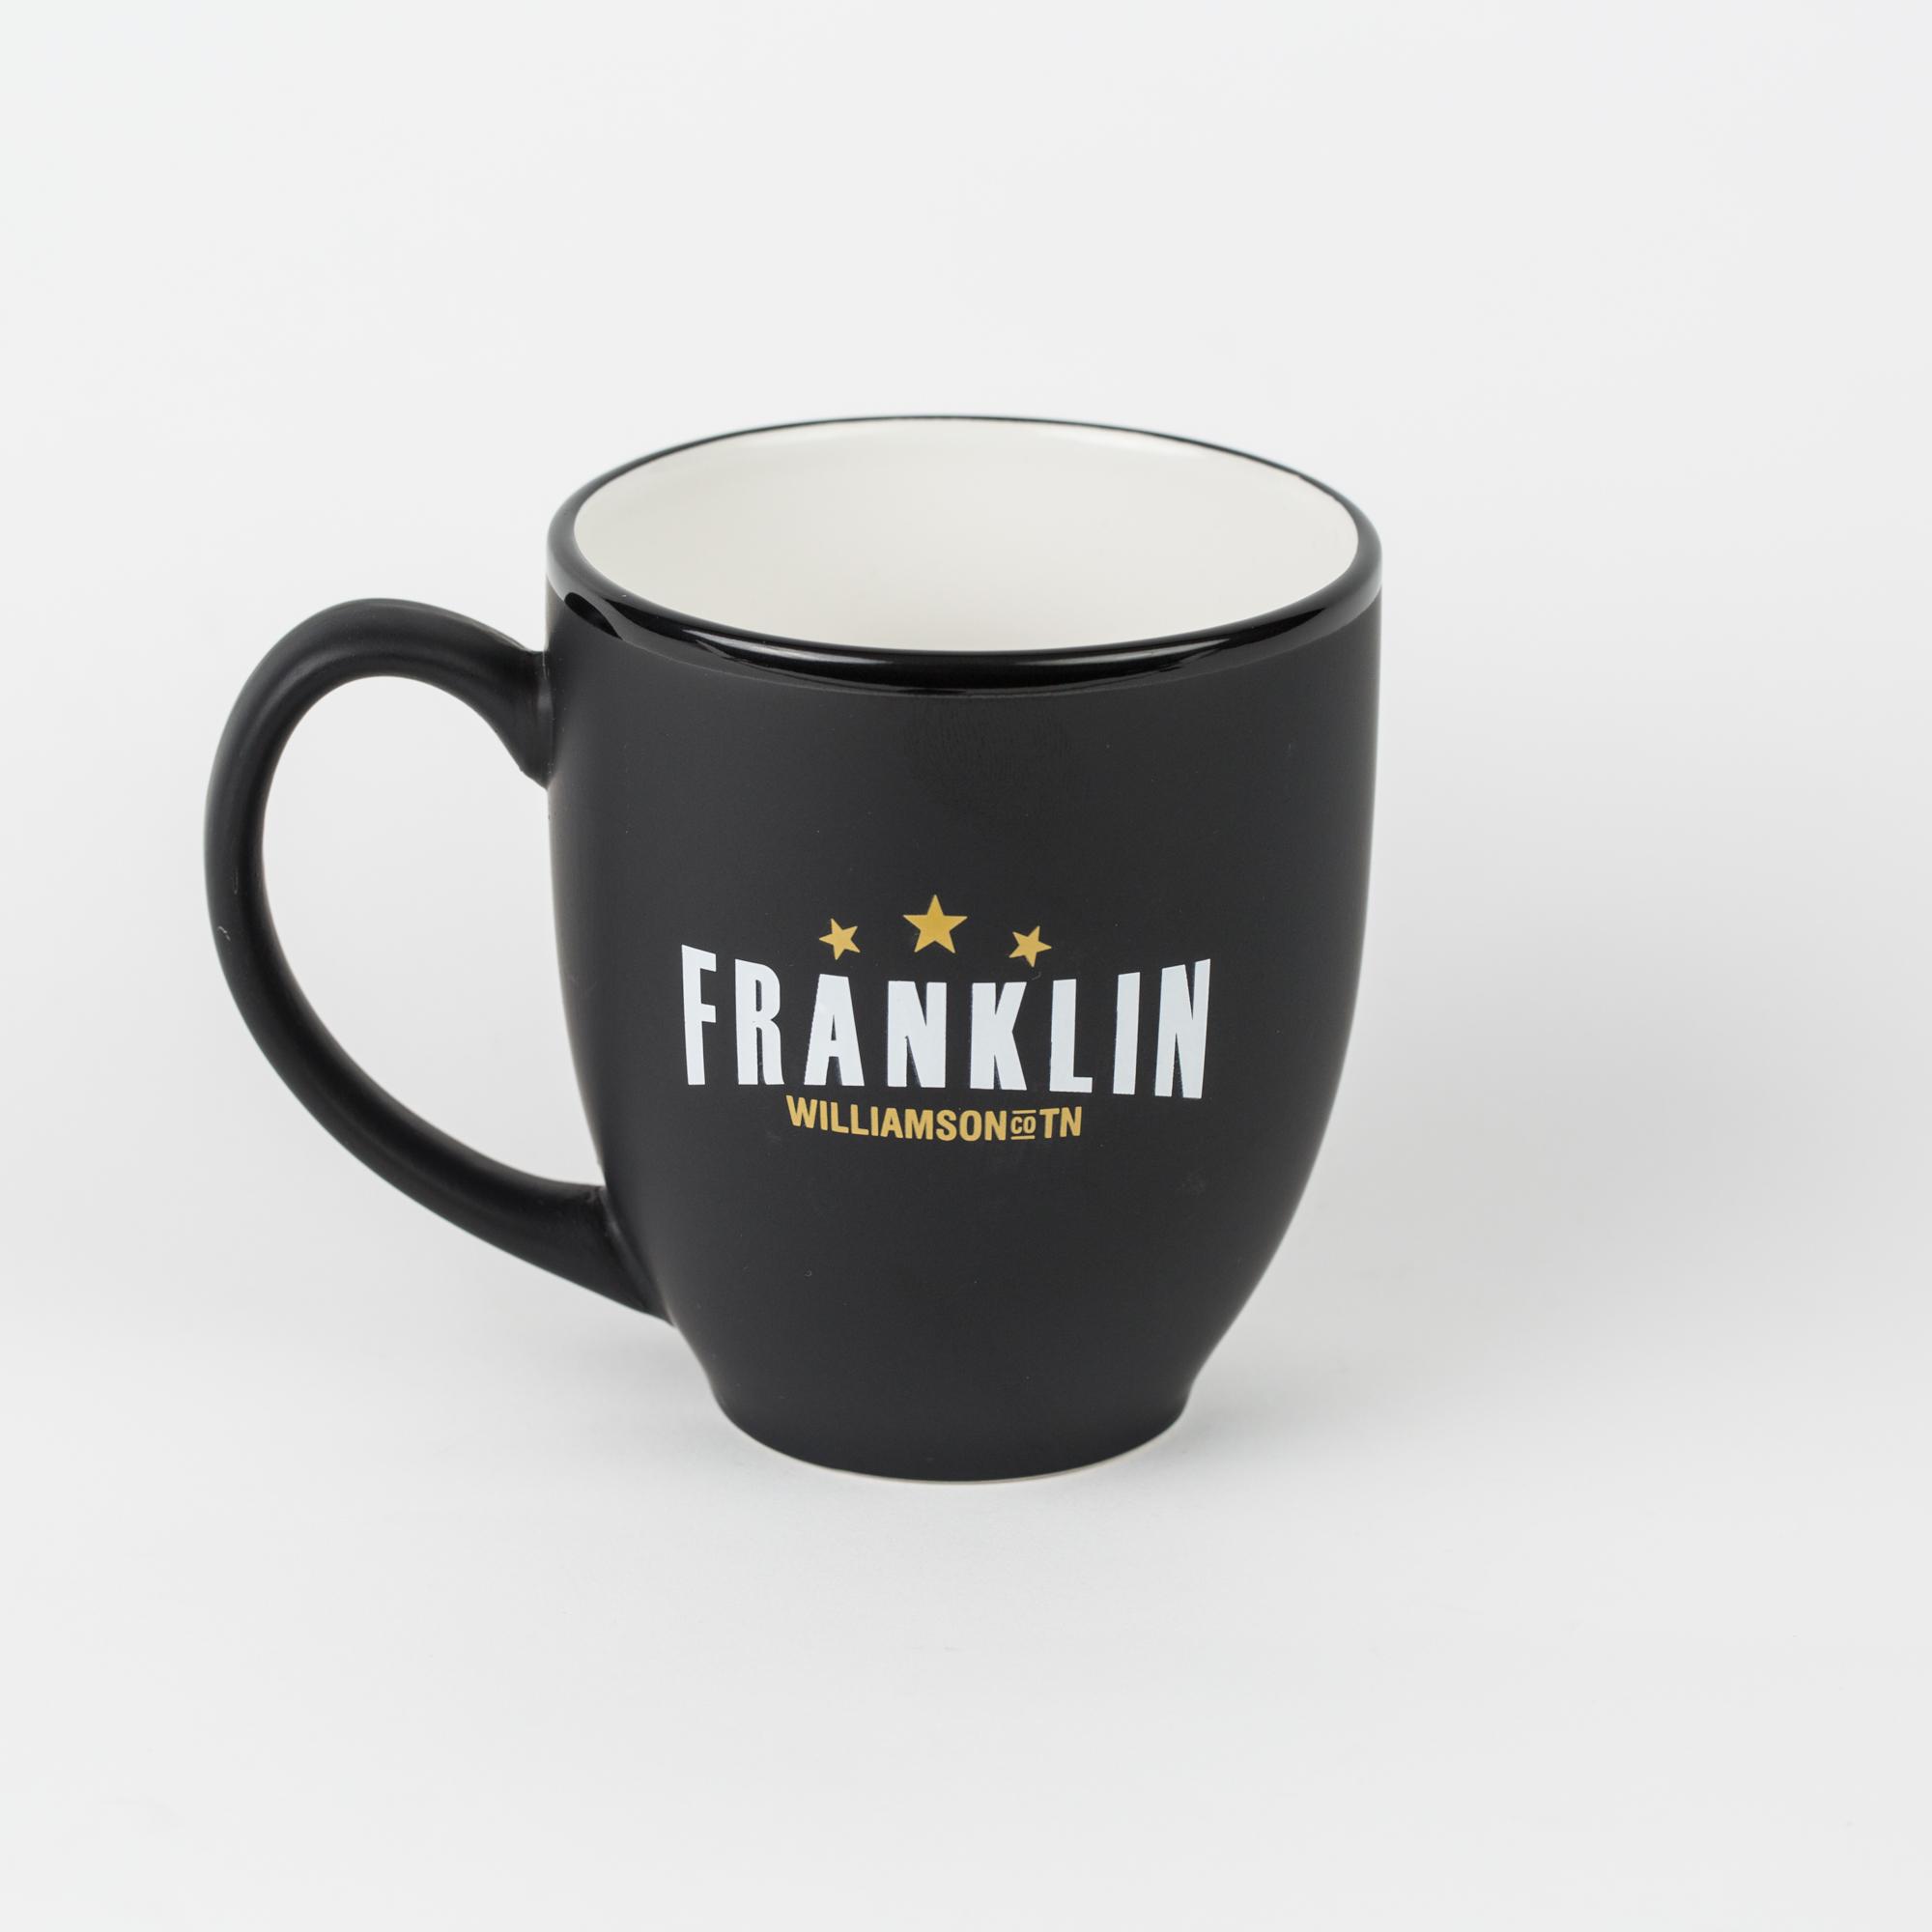 visitFranklin-Merch-10-5-16-0826.jpg